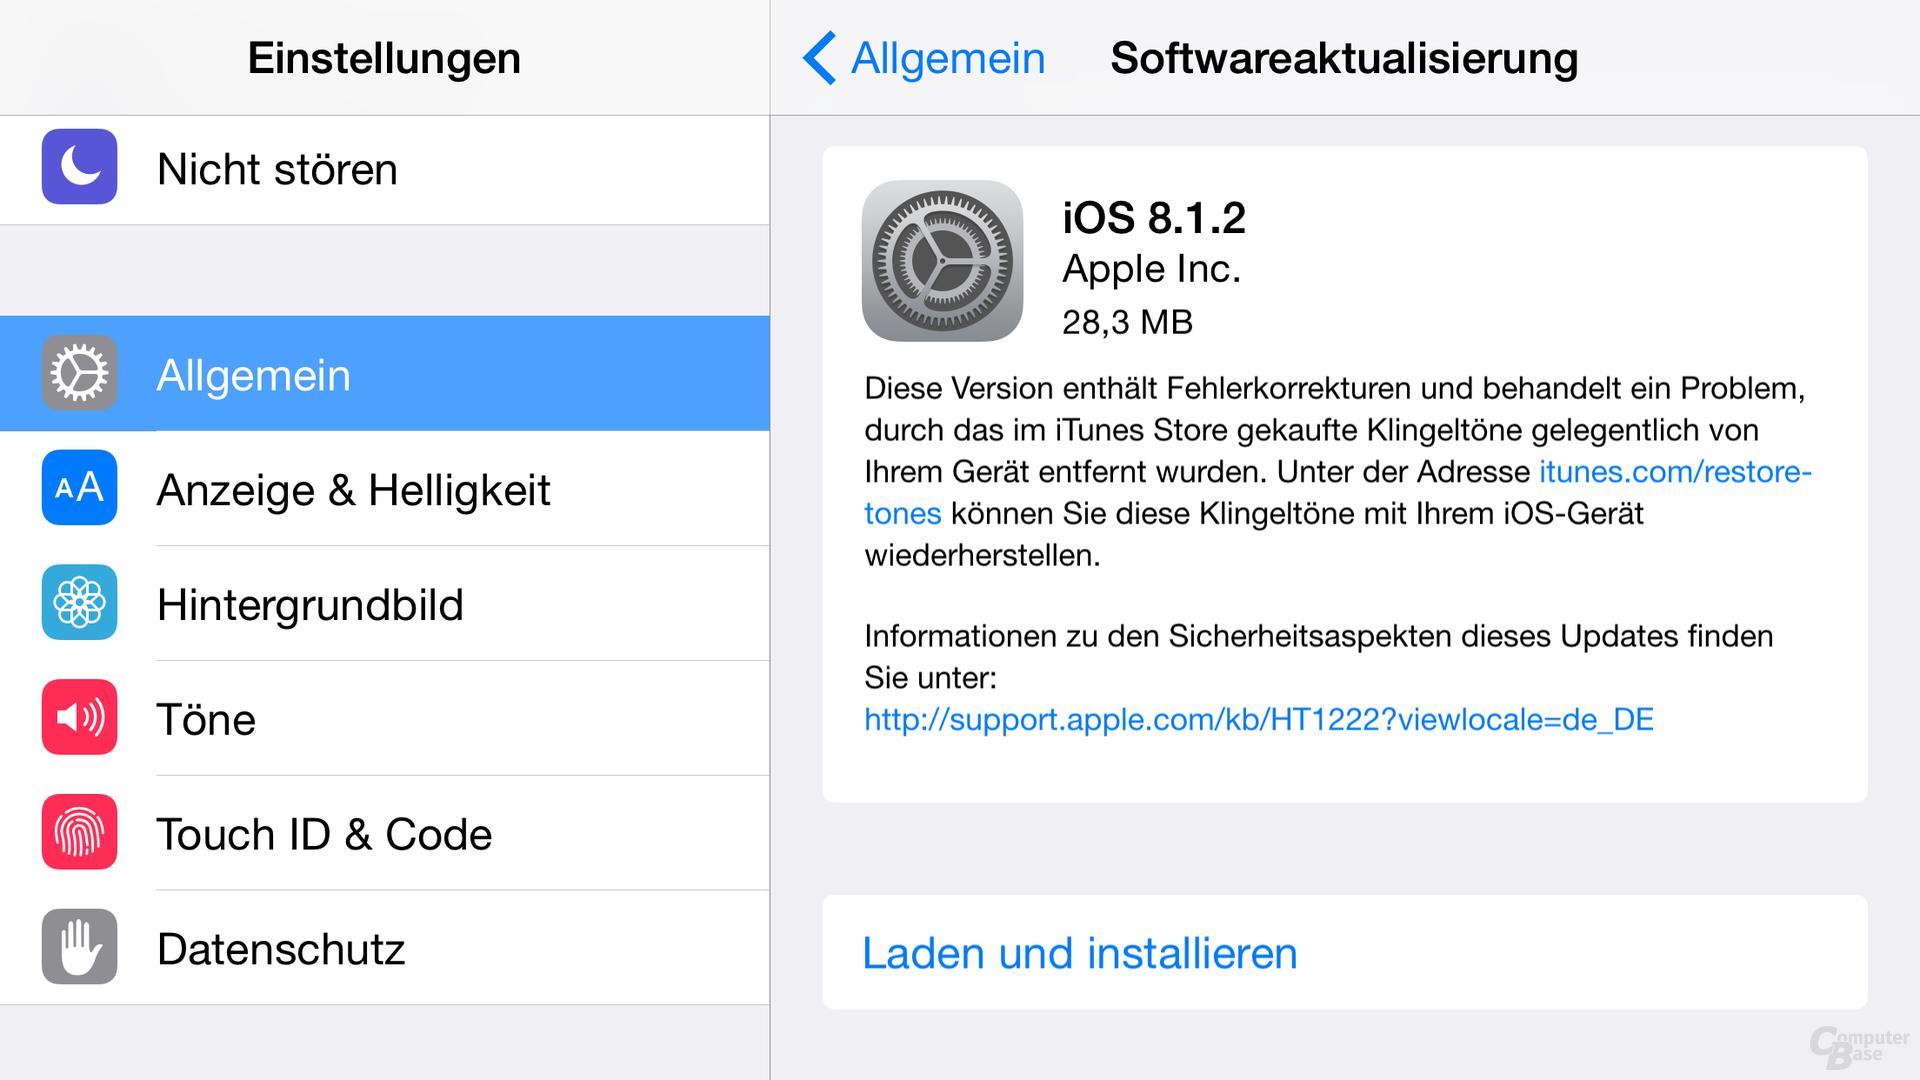 iOS 8.1.2 stellt Klingeltöne wieder her